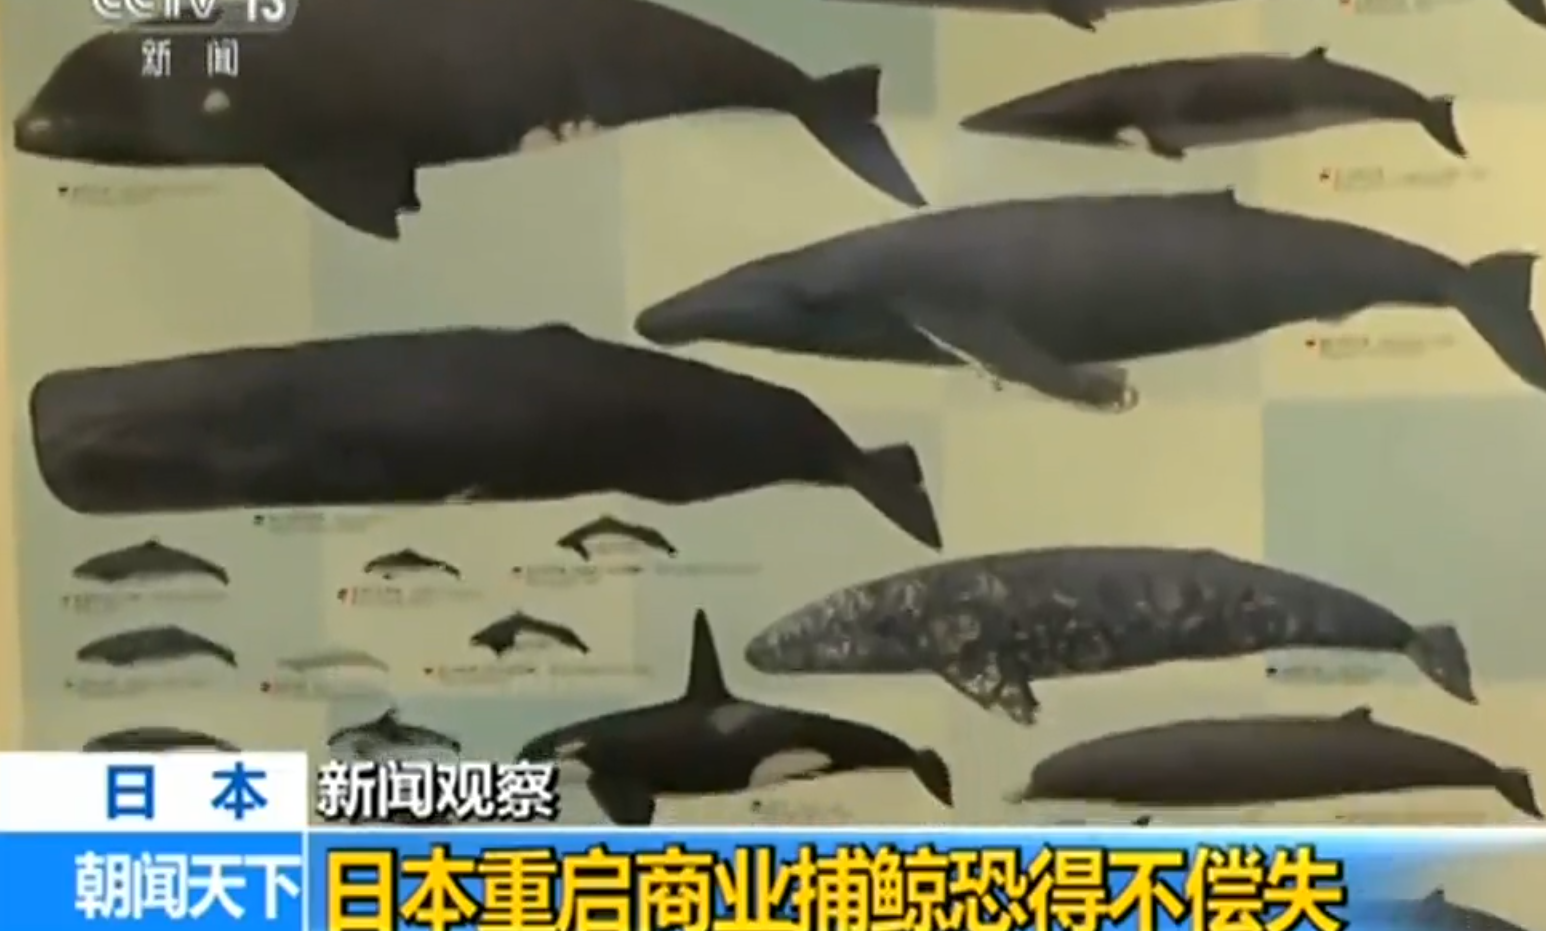 時隔32年日本重啟商業捕鯨 料將引發各方批評